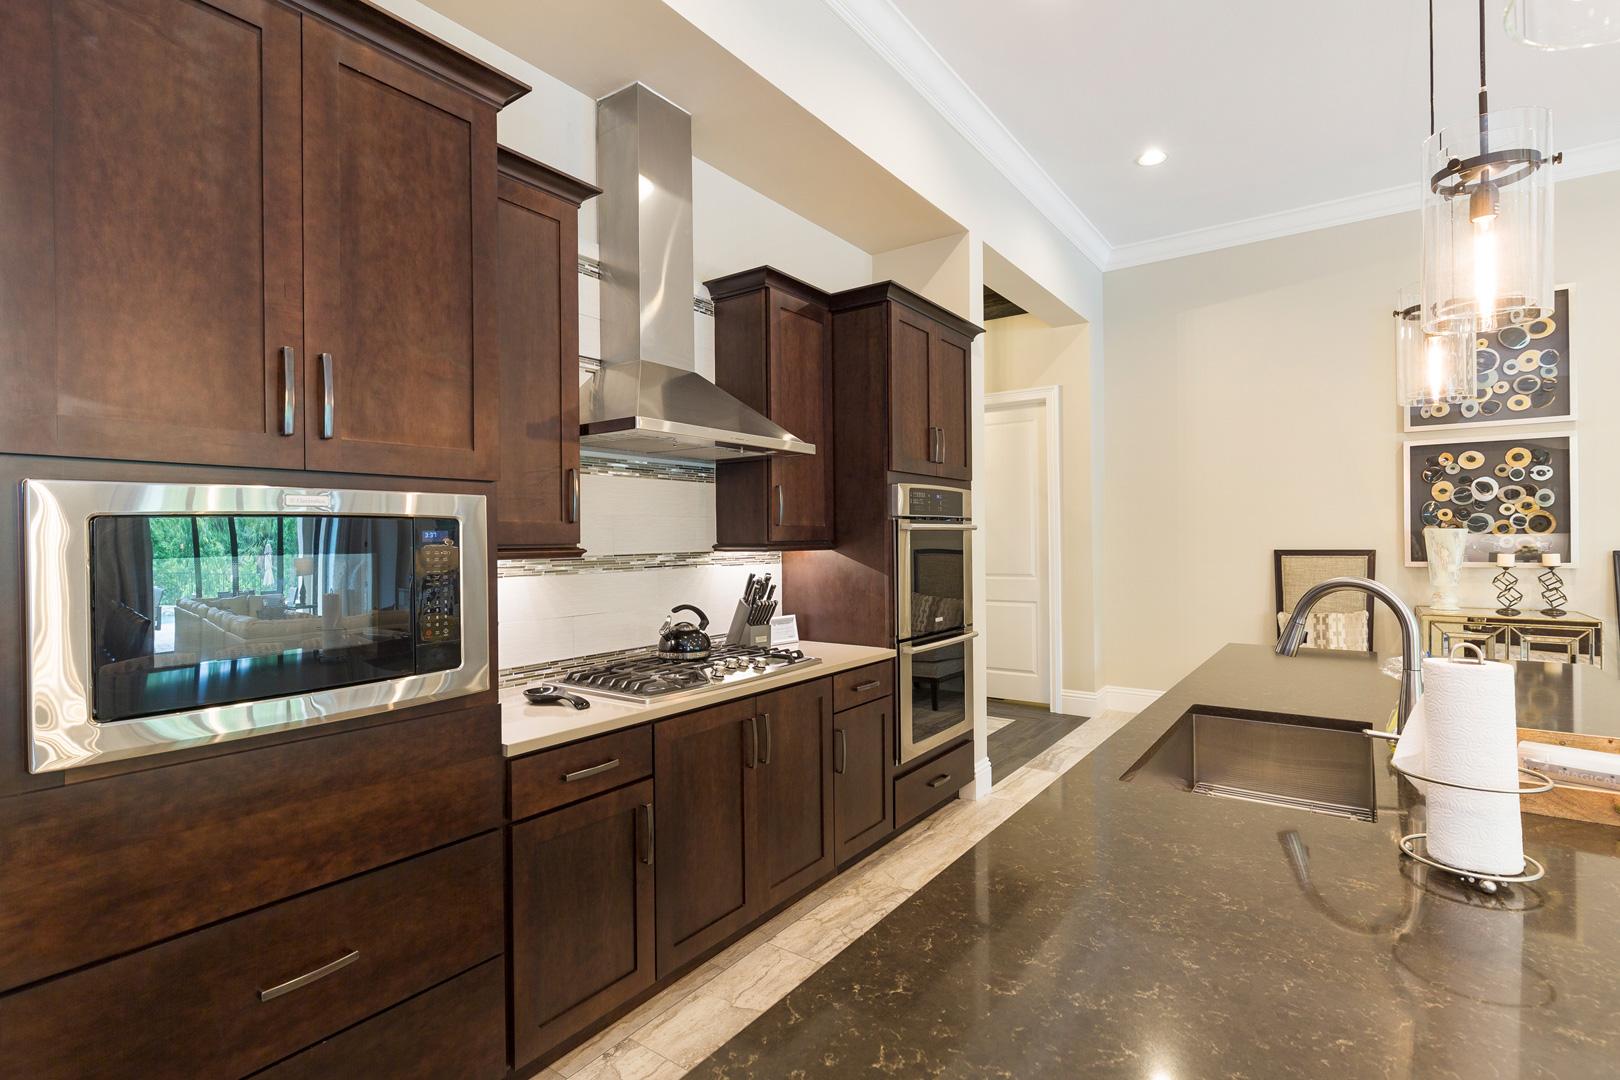 Kitchens35